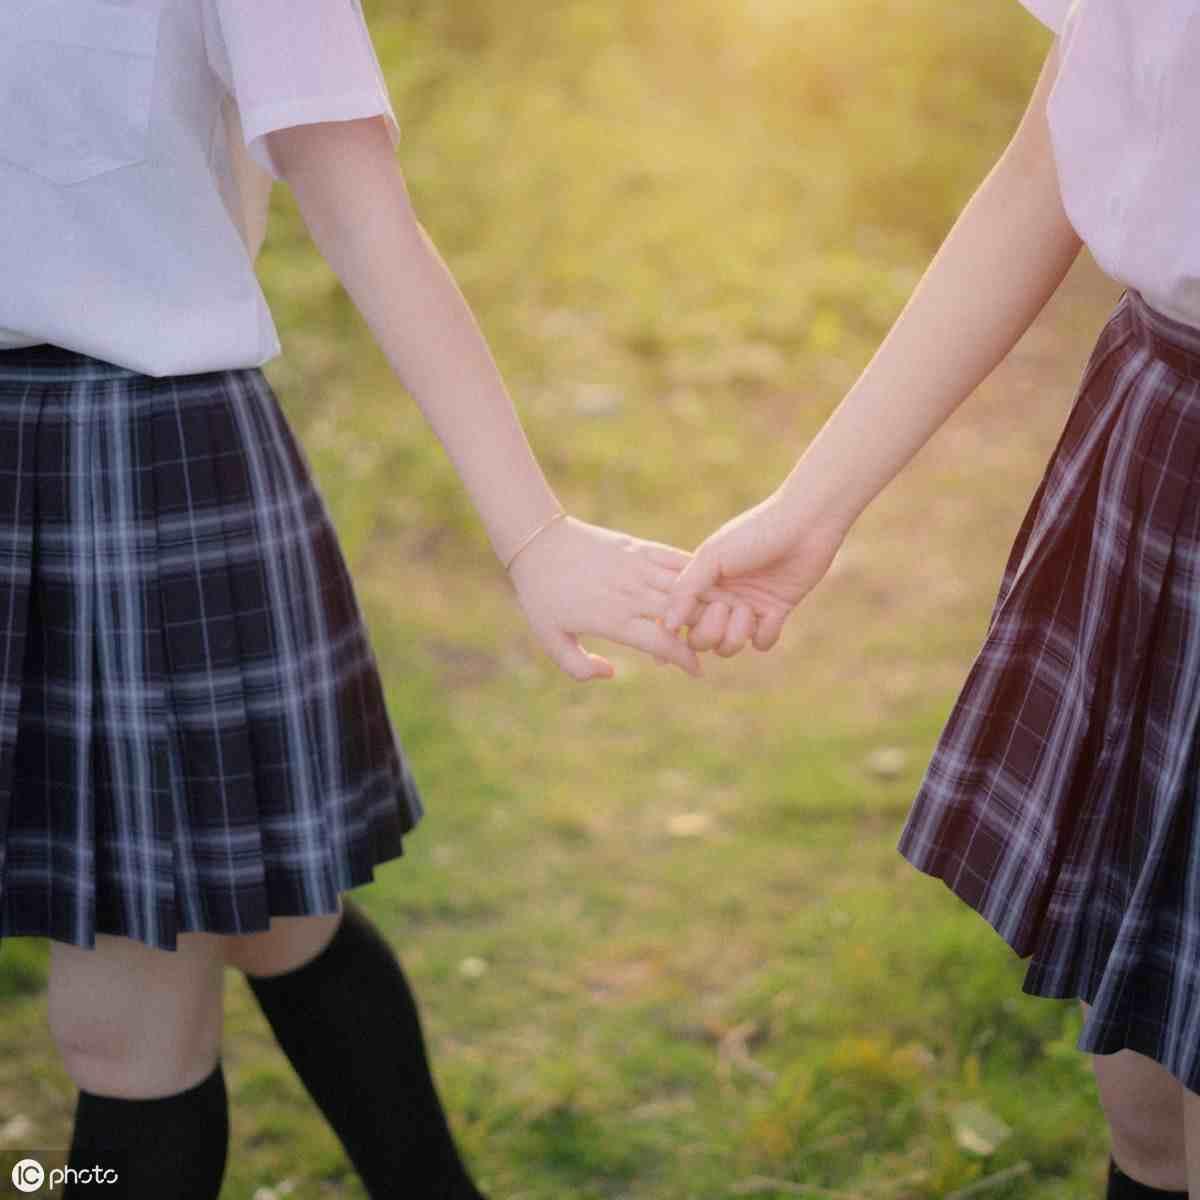 描写闺蜜友谊的唯美句子,超暖心的友情句子简短好听